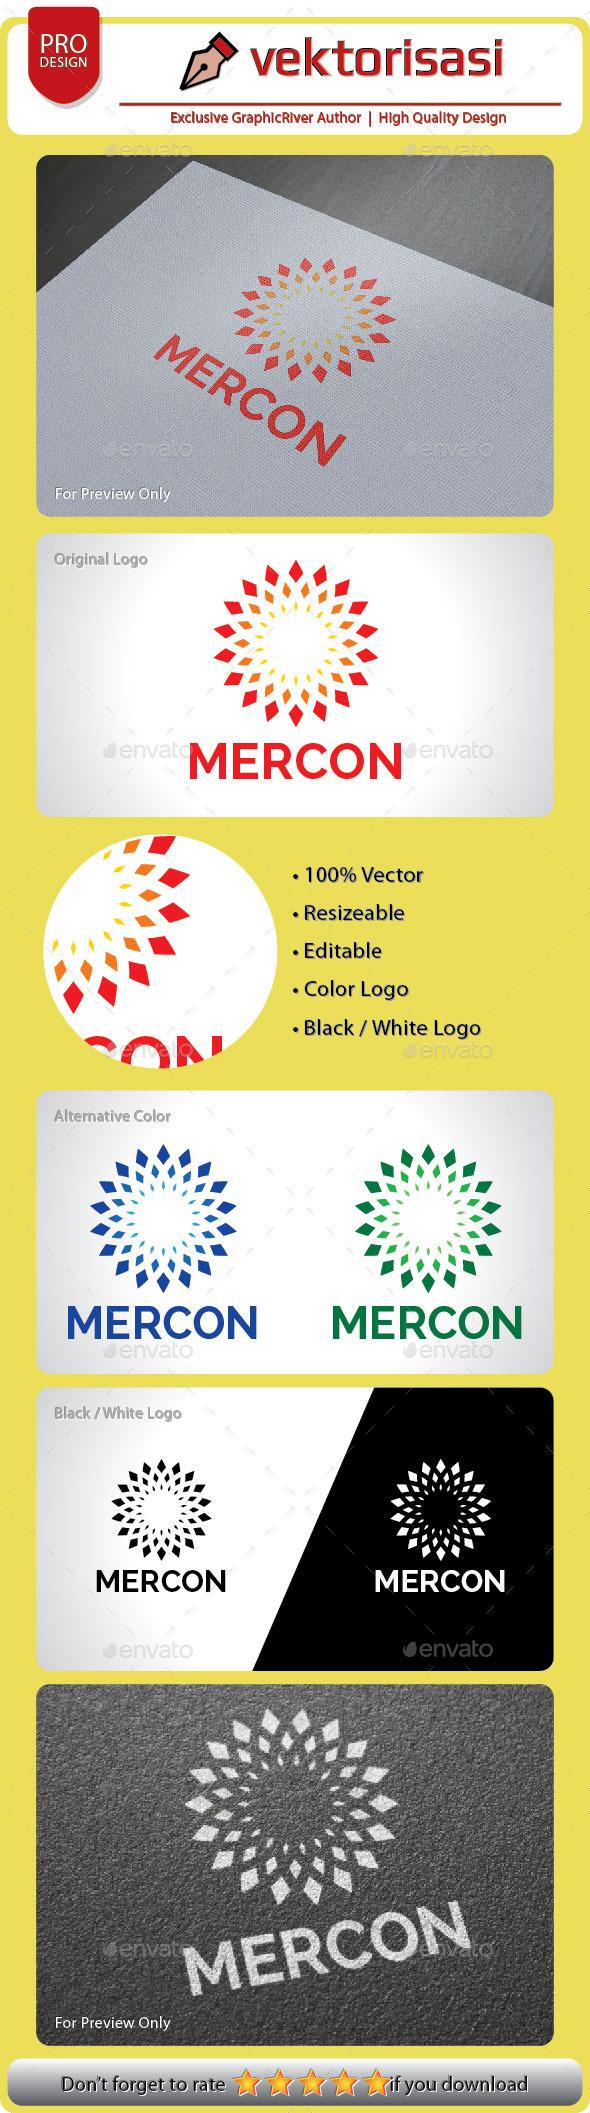 Mercon Logo - Vector Abstract